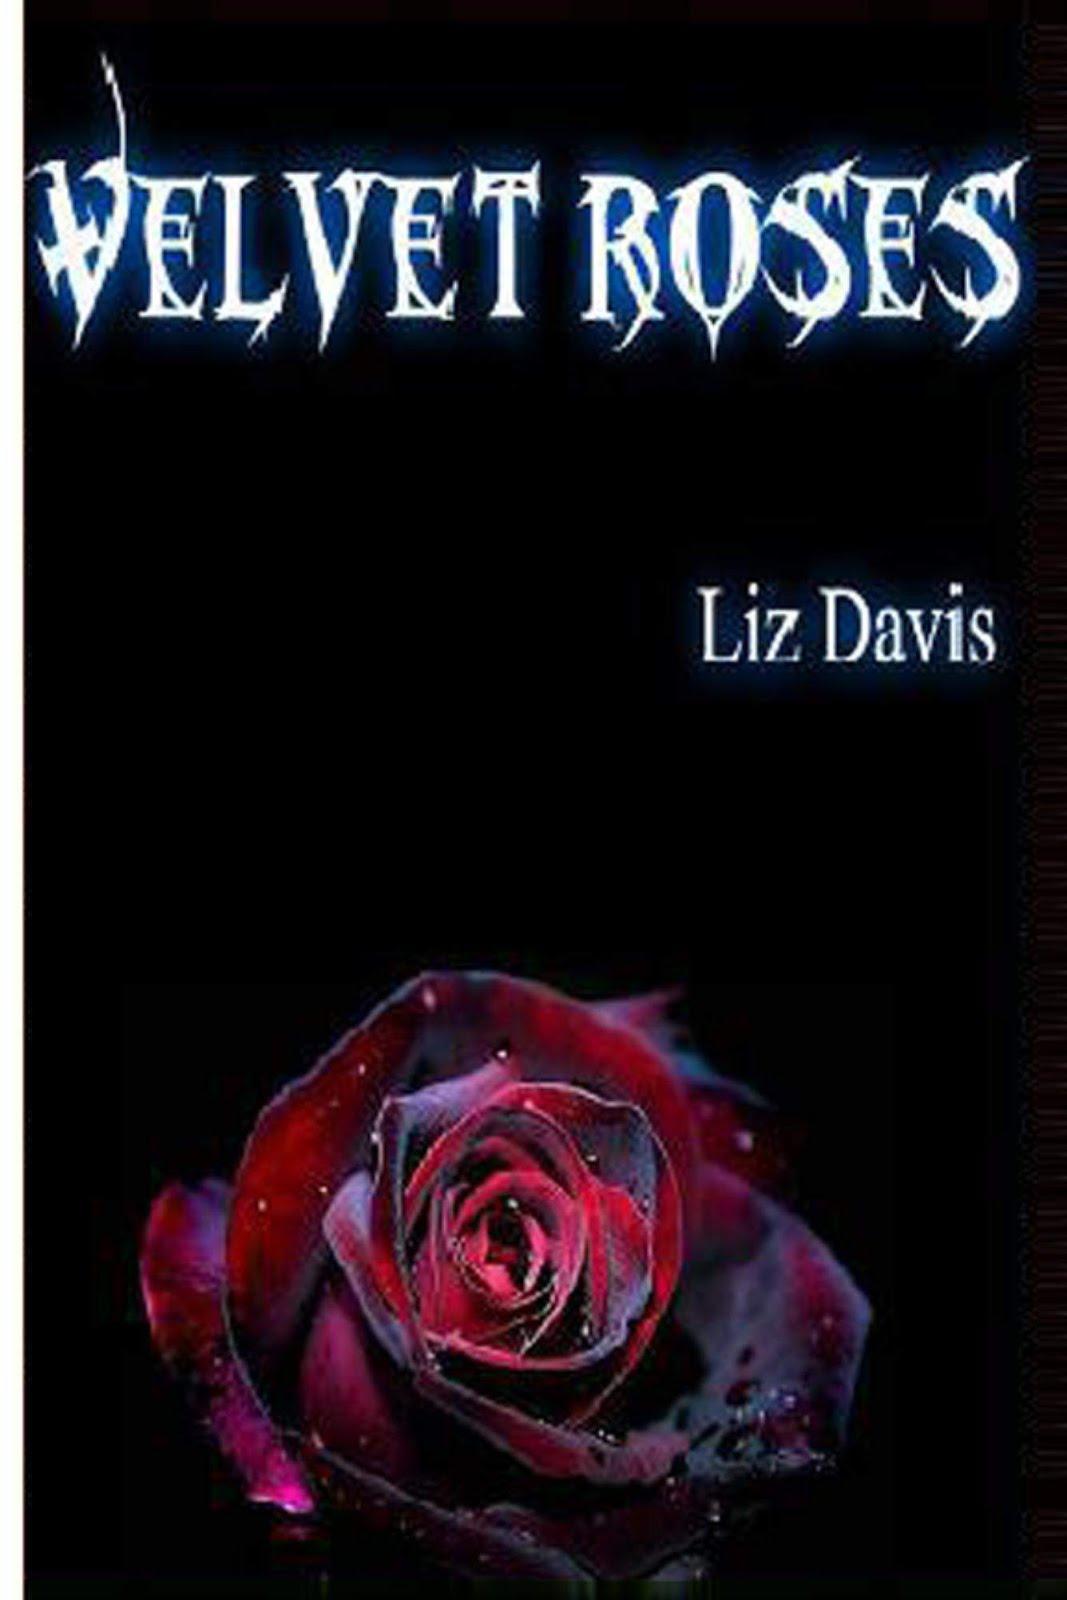 Velvet Roses by Liz Davis